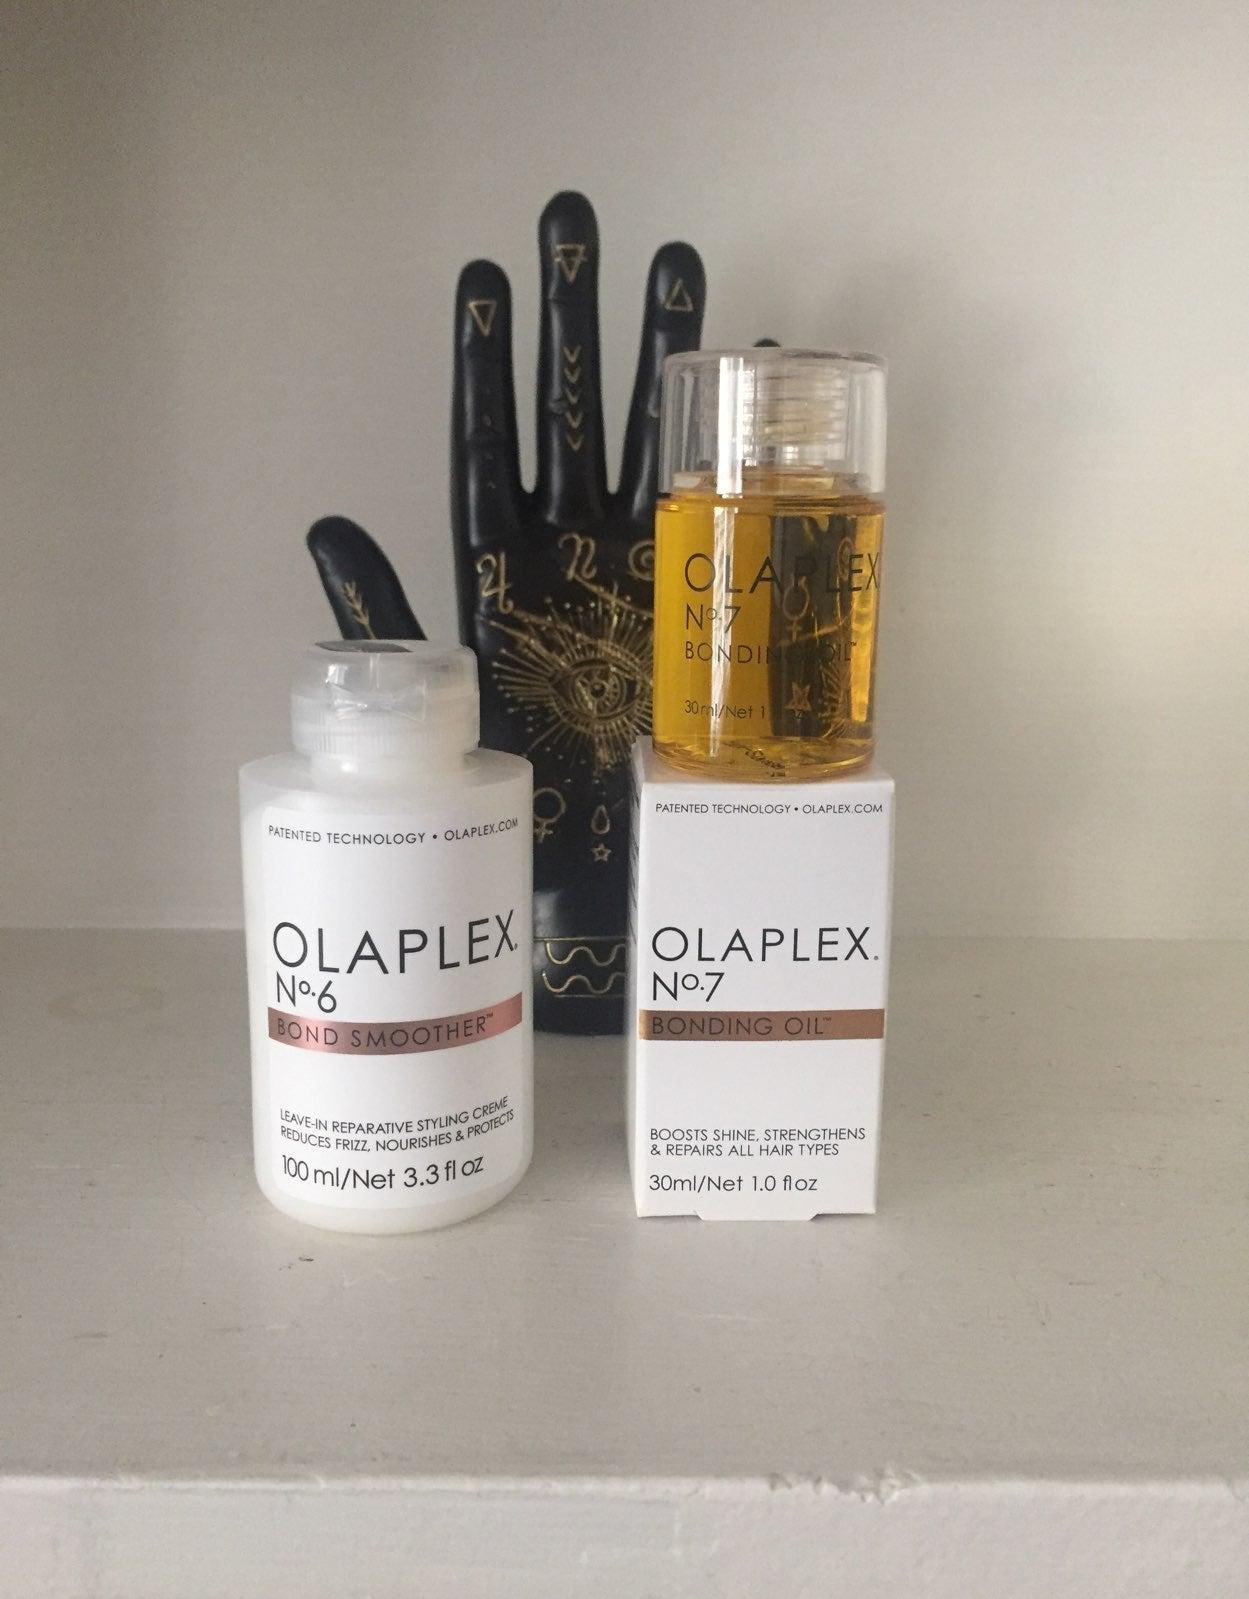 Olaplex oil & leave-in cream set